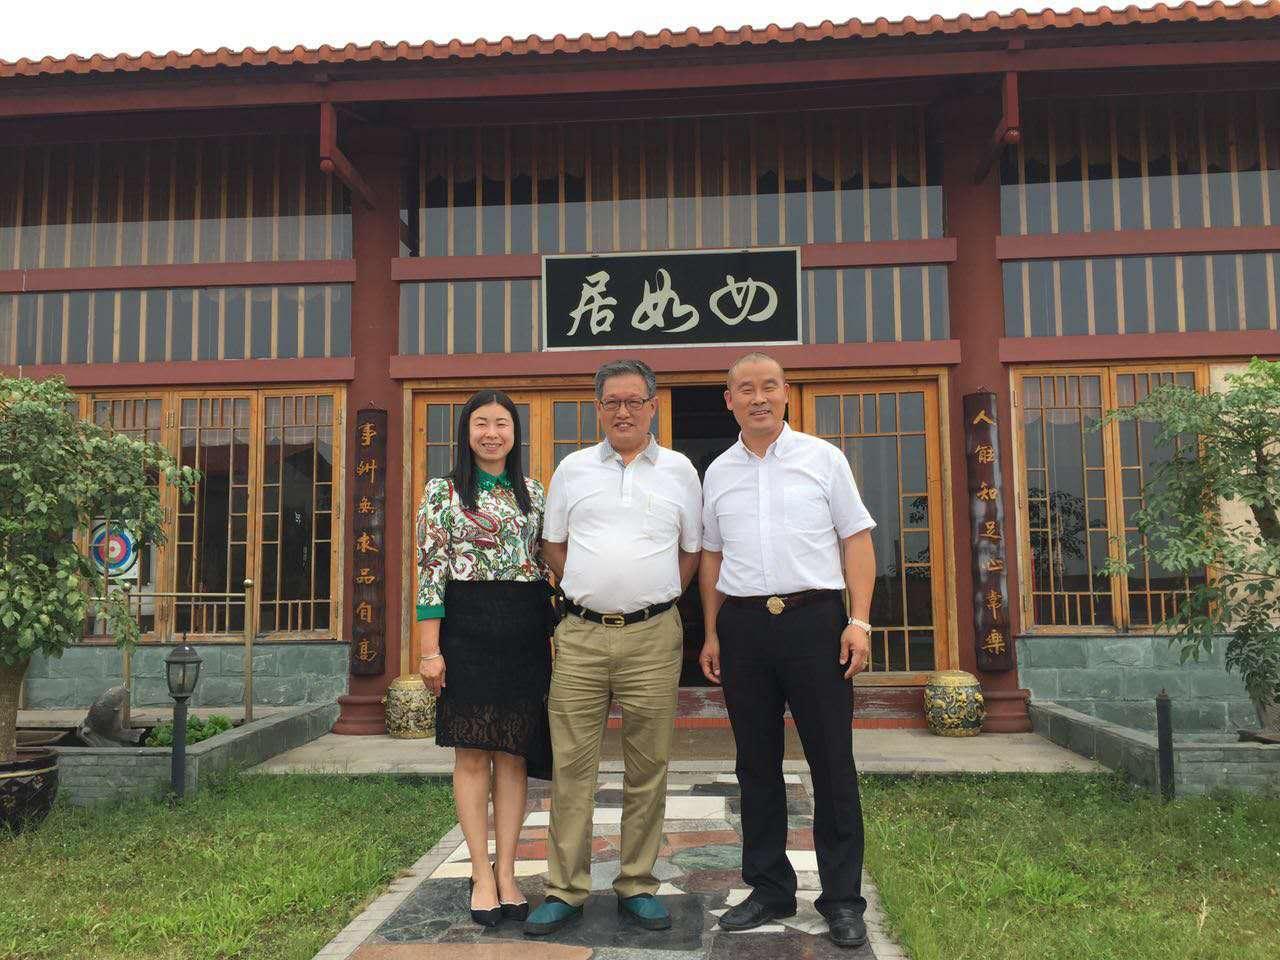 中山酒店用品协会副会长黄锦辉和秘书长钟冰冰来我司走访交流